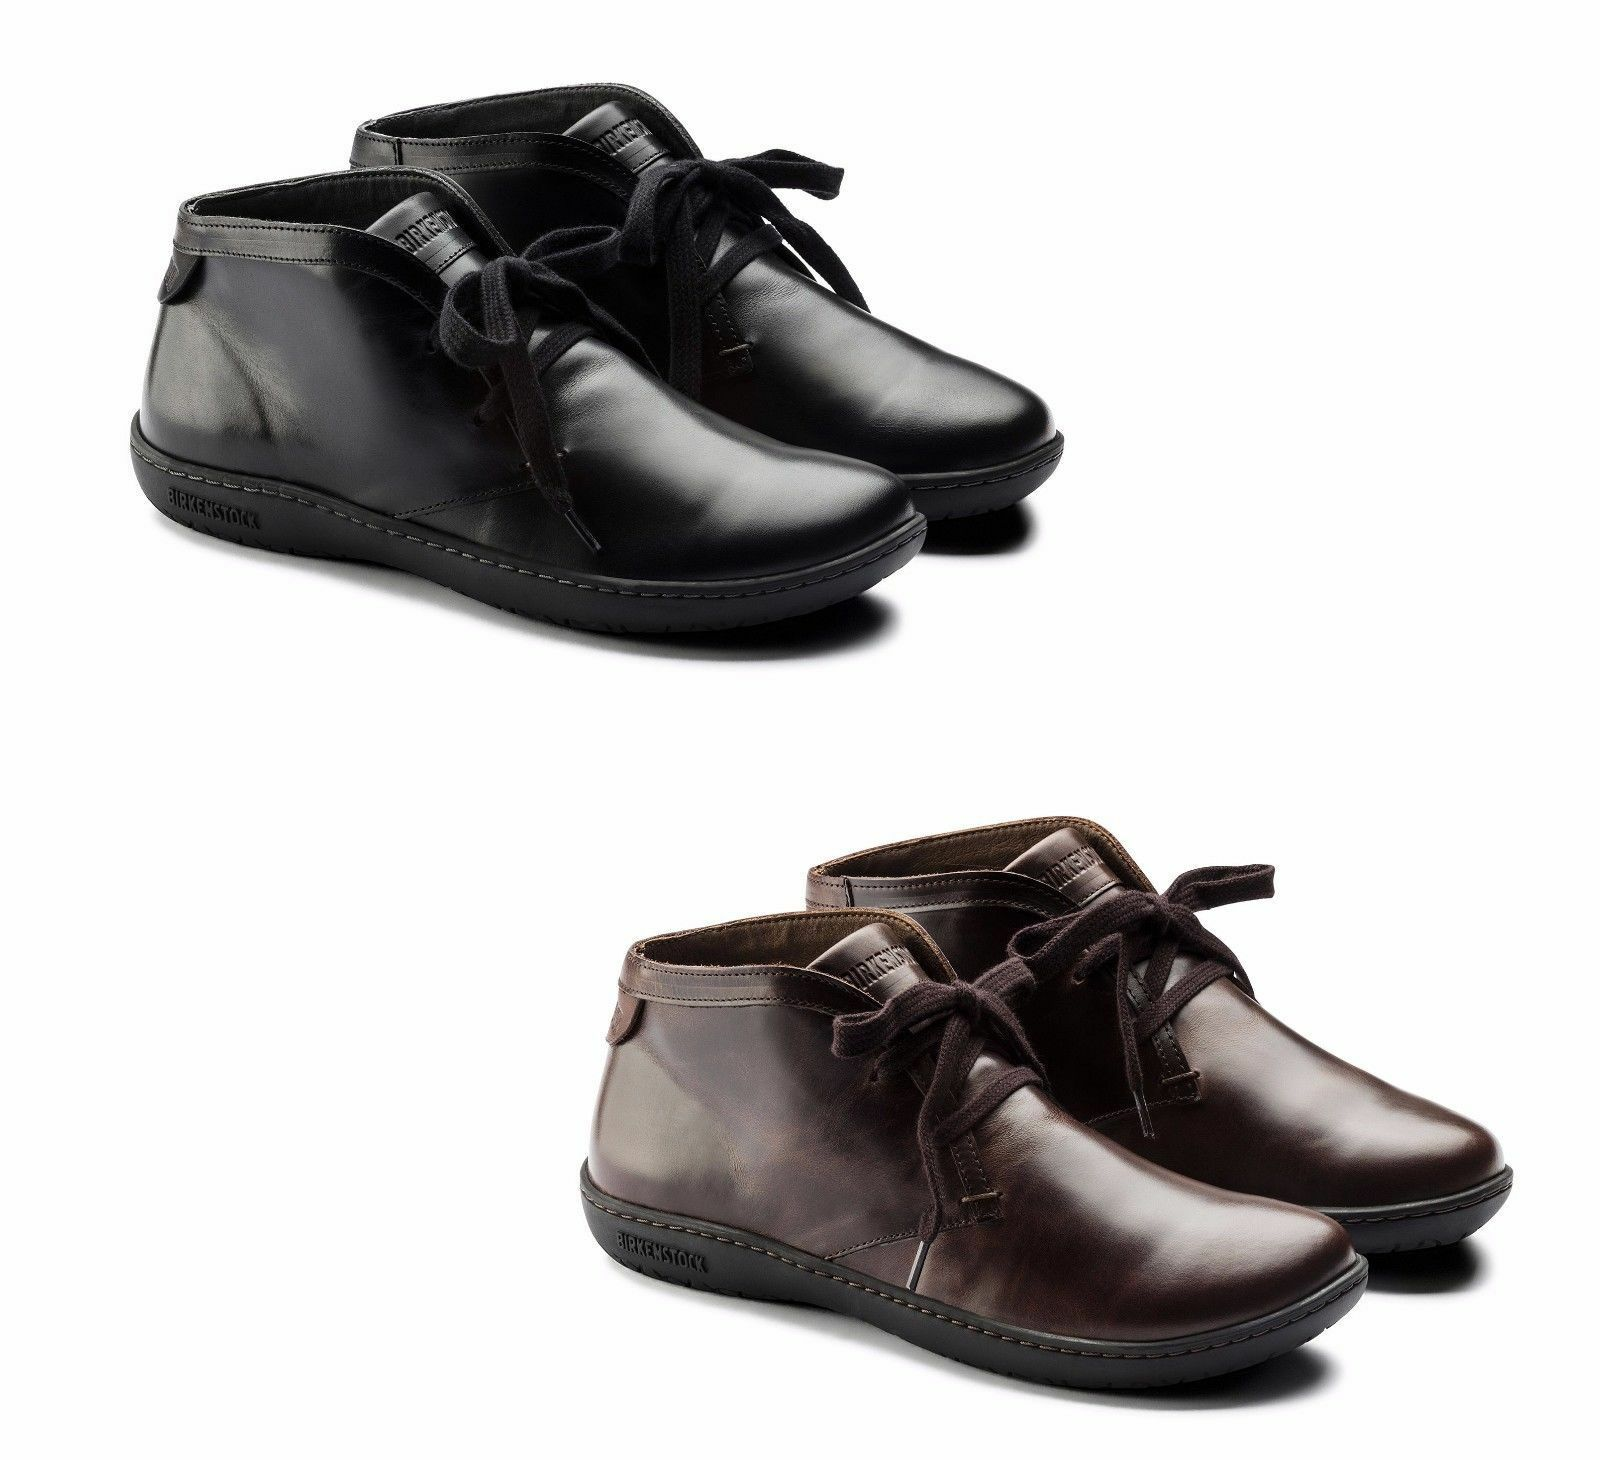 BIRKENSTOCK NERO Zapatos SCARBA ZAPATOS mujer NERO BIRKENSTOCK MARRONE PELLE SCARPONCINO LACCI 971cbb